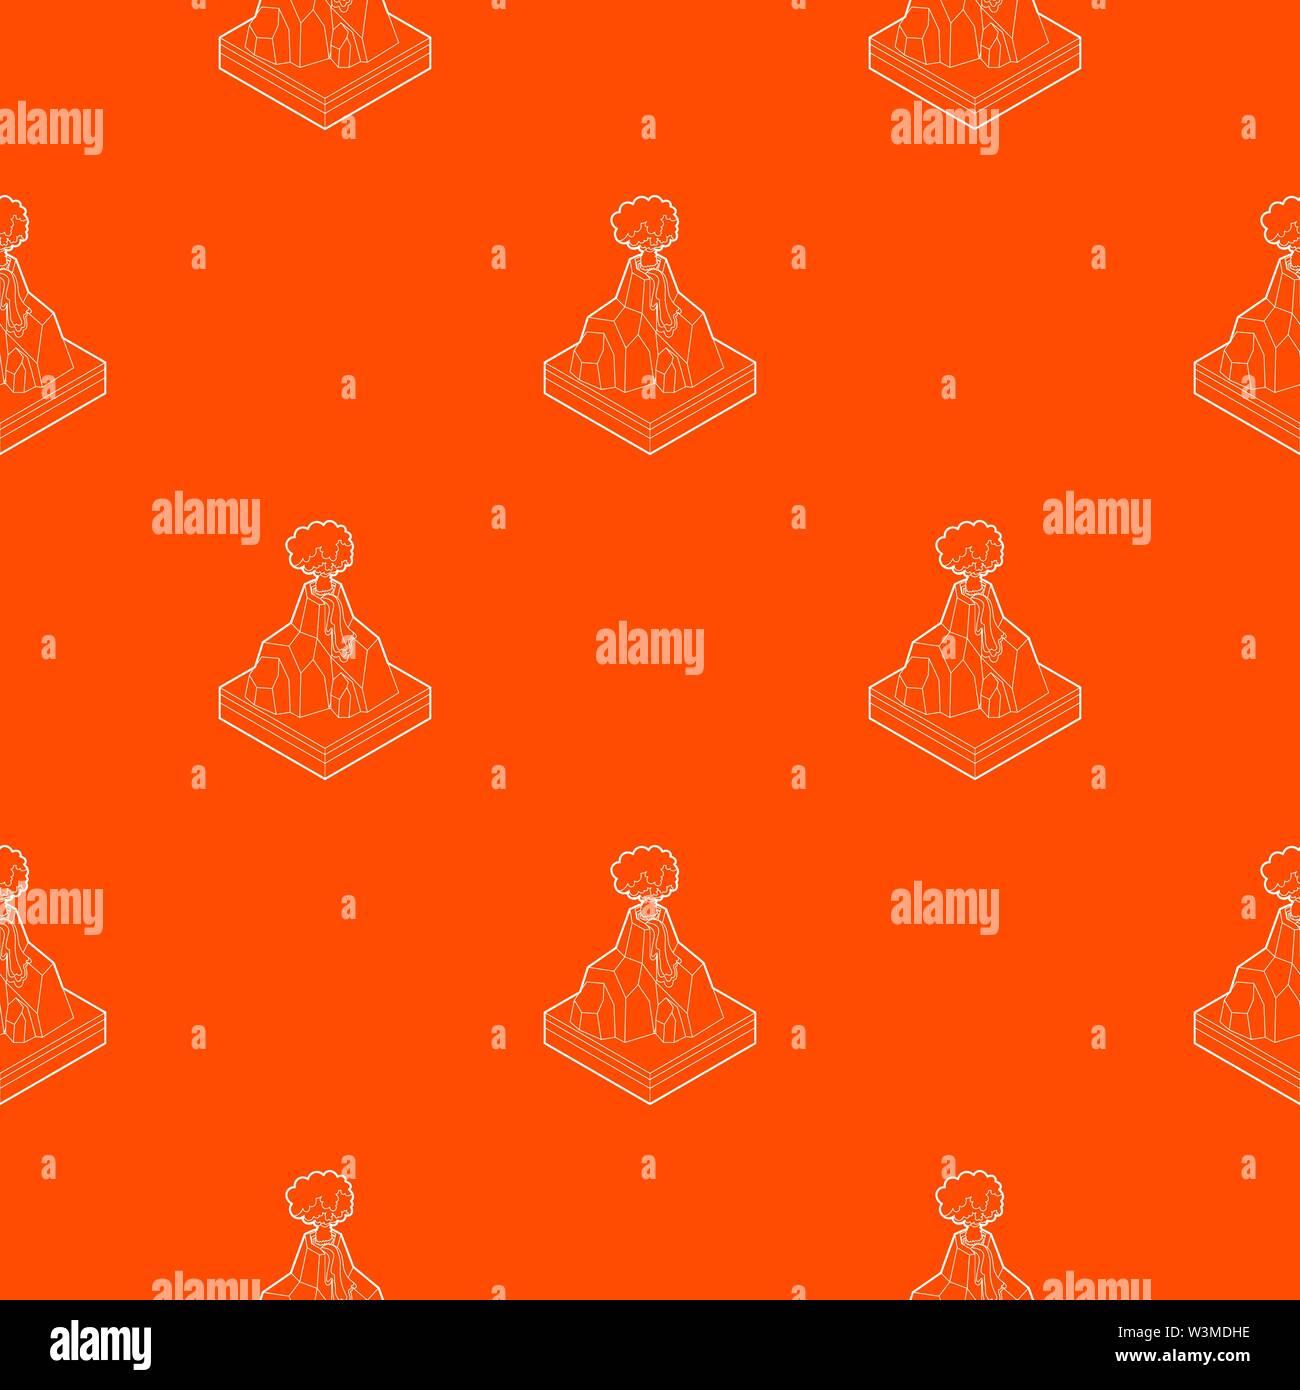 Volcano erupting pattern vector orange - Stock Image